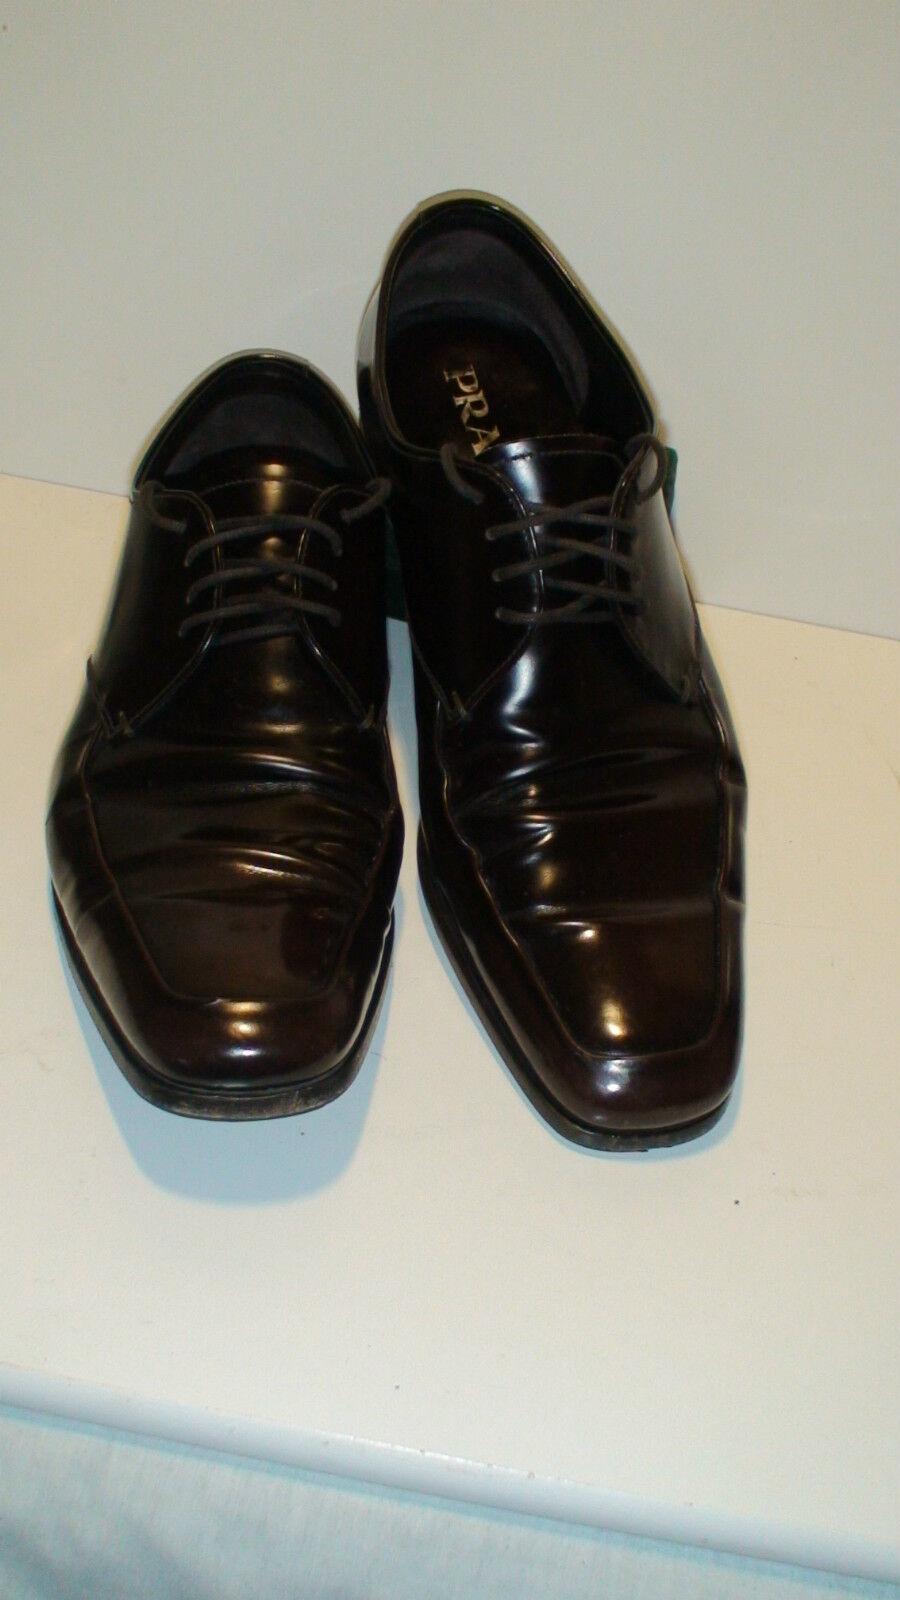 Para Hombre Prada Marrón Charol Vestido Zapatos Talla 8.5. cerca de como nuevo.